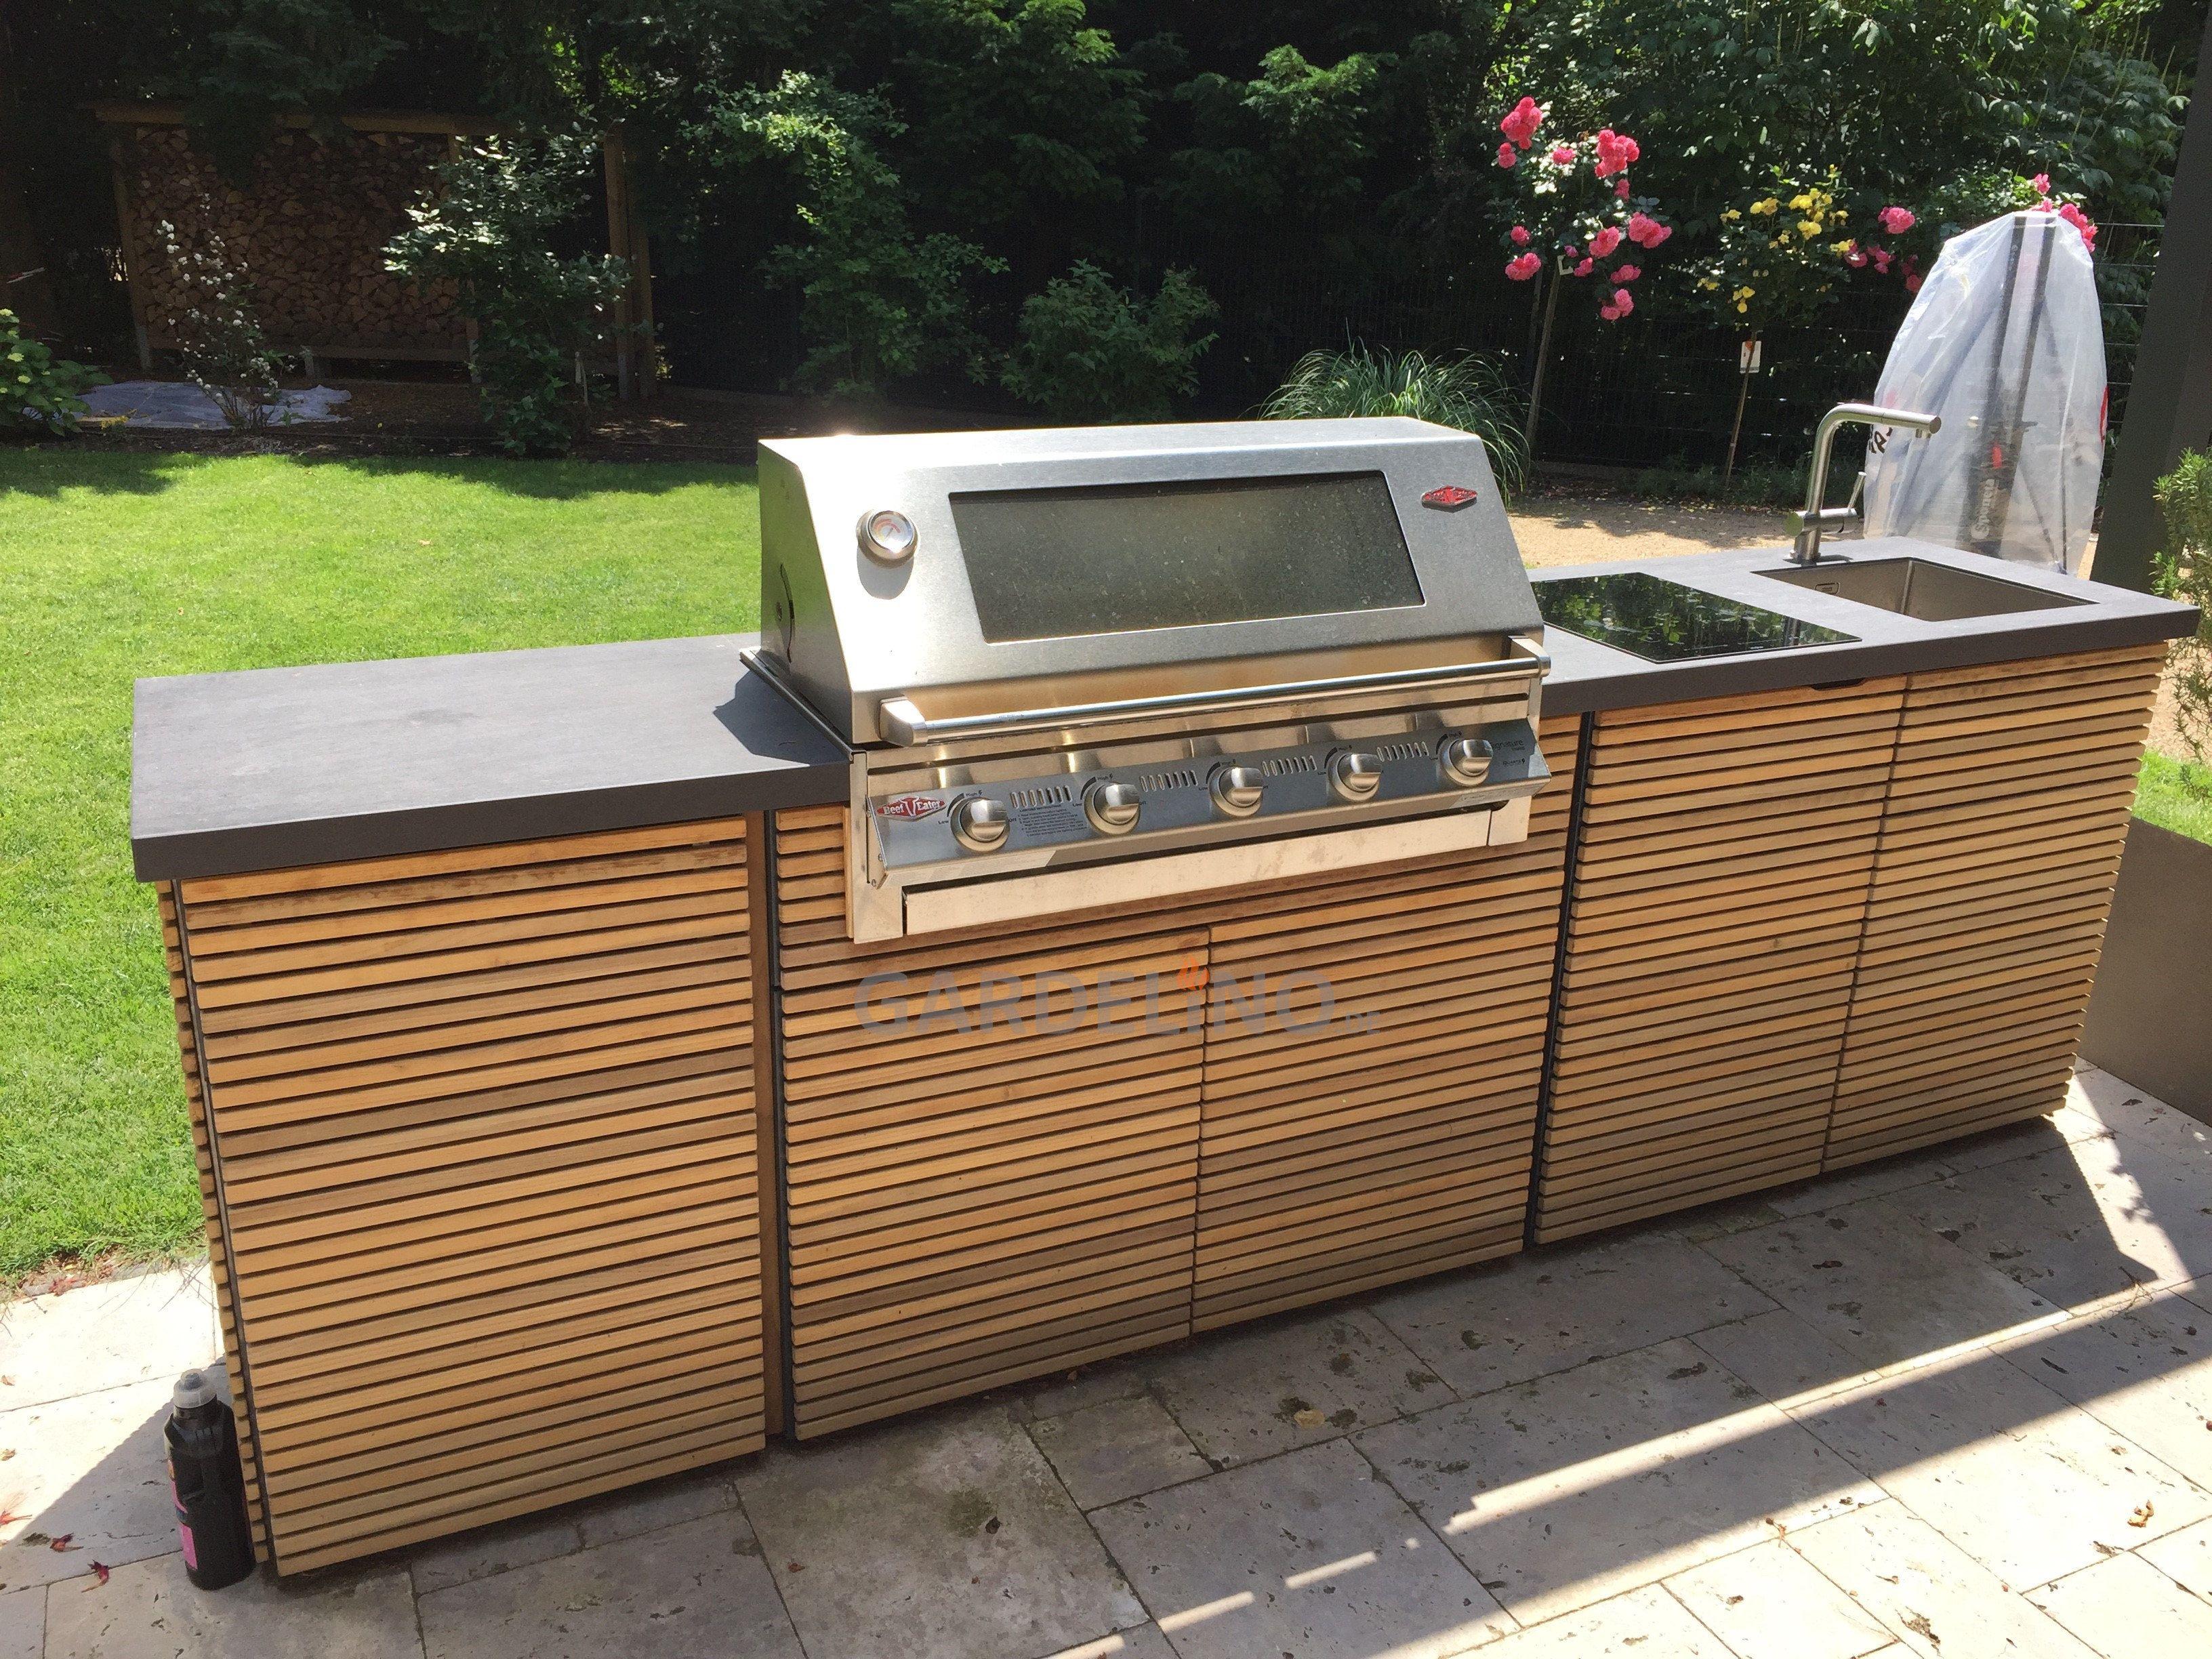 Outdoorküche Mit Spüle Zubehör : Outdoorküche mit spüle zubehör grillen kochen und spülen im